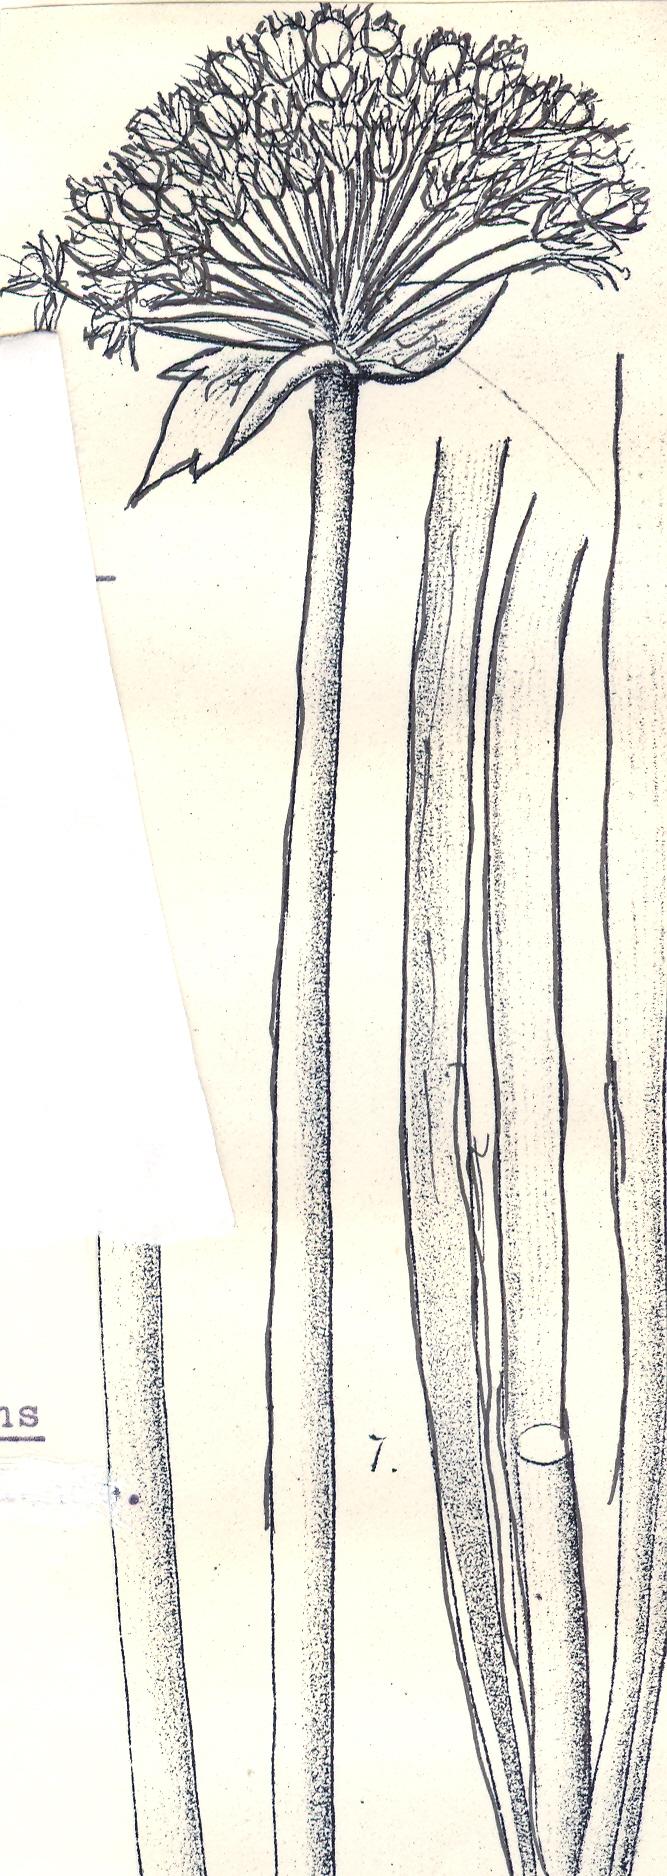 Allium%20sewertzovii.jpg